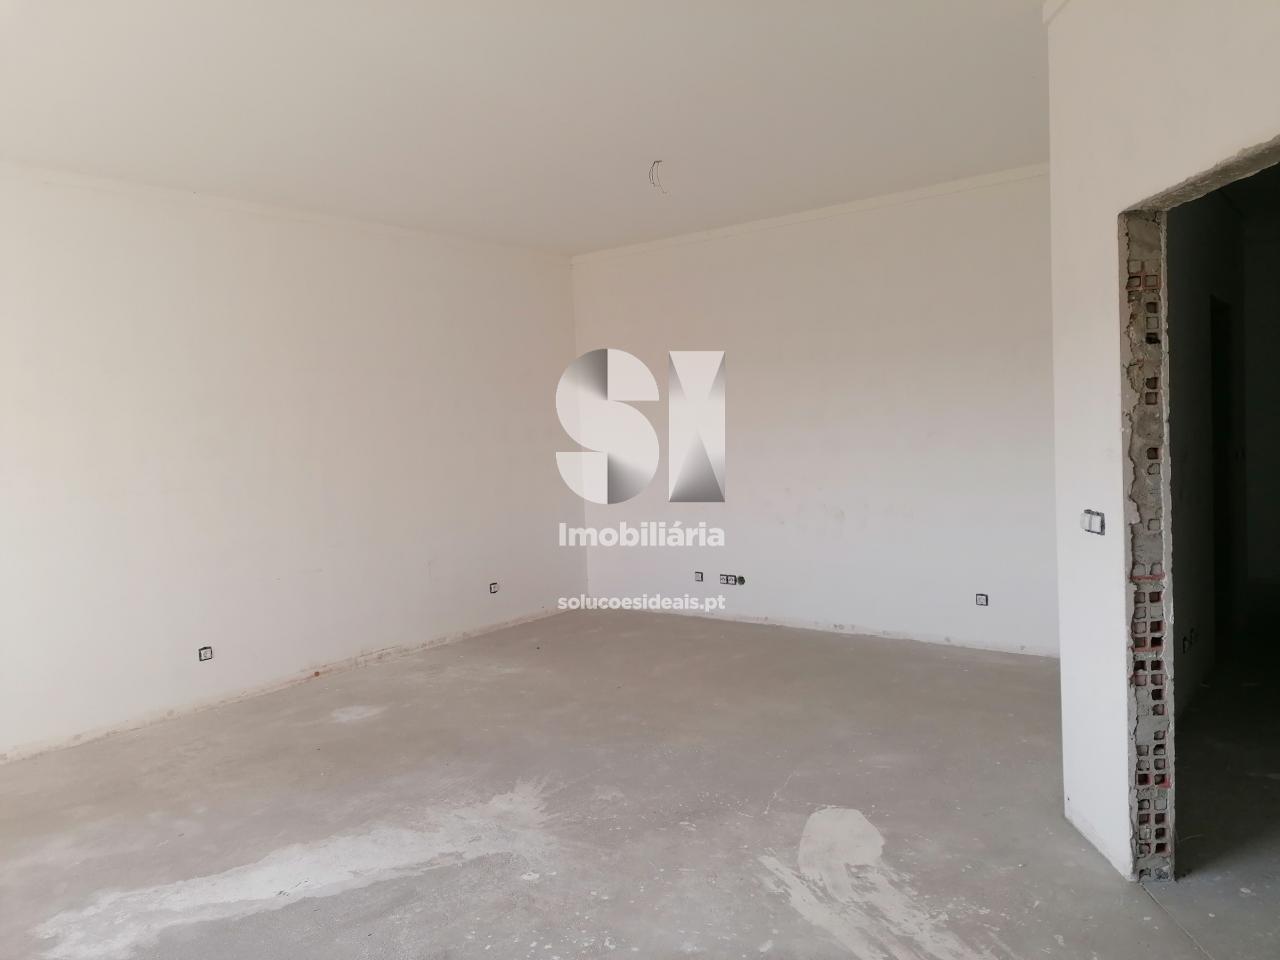 apartamento t4 para compra em torres novas uniao das freguesias de torres novas sao pedro lapas e ribeira branca TNVES86